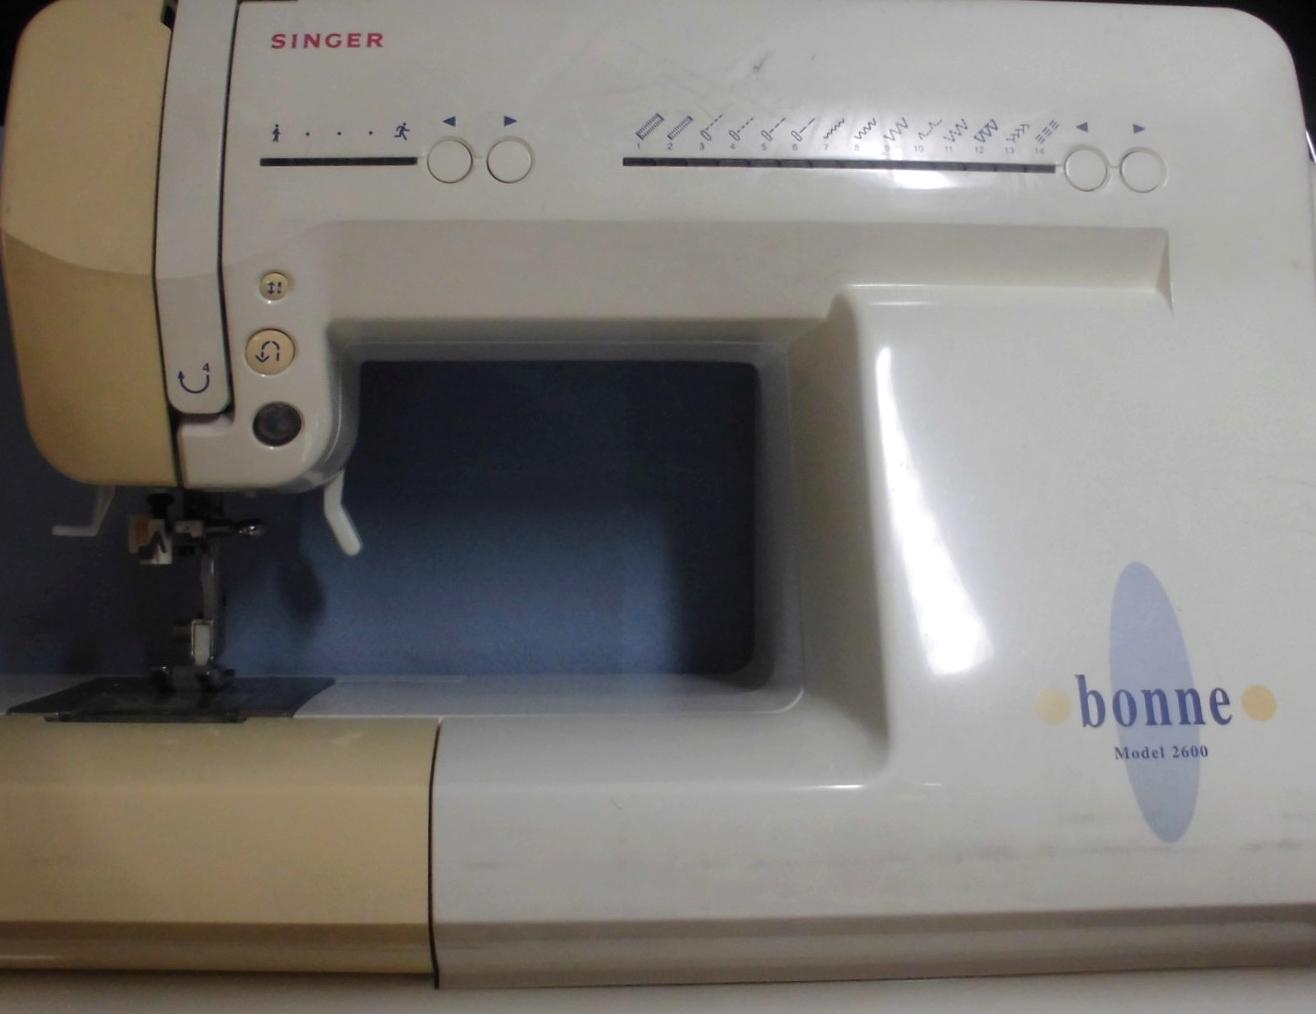 シンガーミシン修理|bonne model2680|動かない、異音、自動糸通し不良